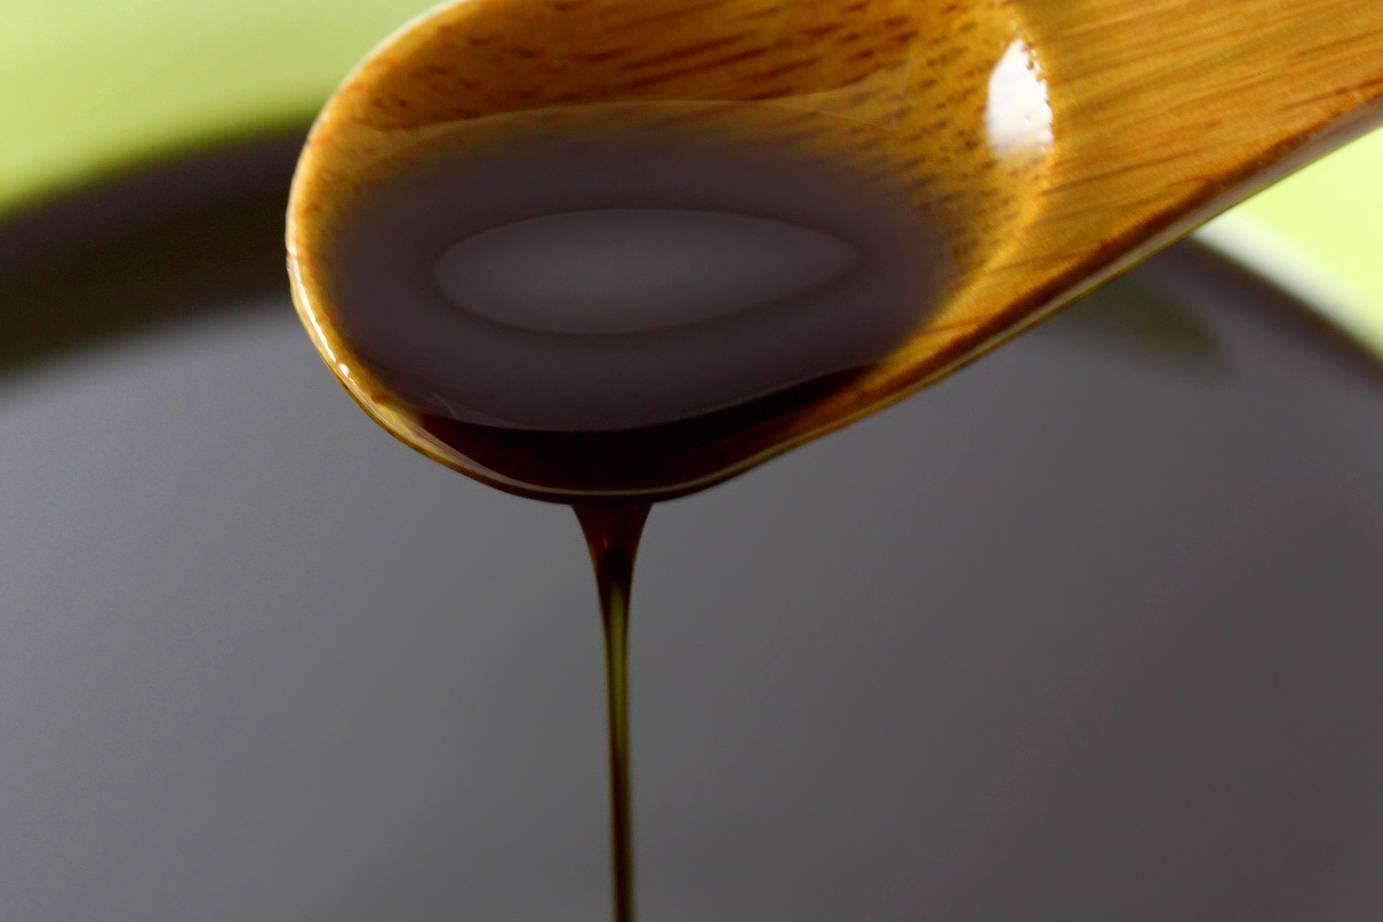 milyen vitaminokra van szksg a pikkelysmr kezelsben)